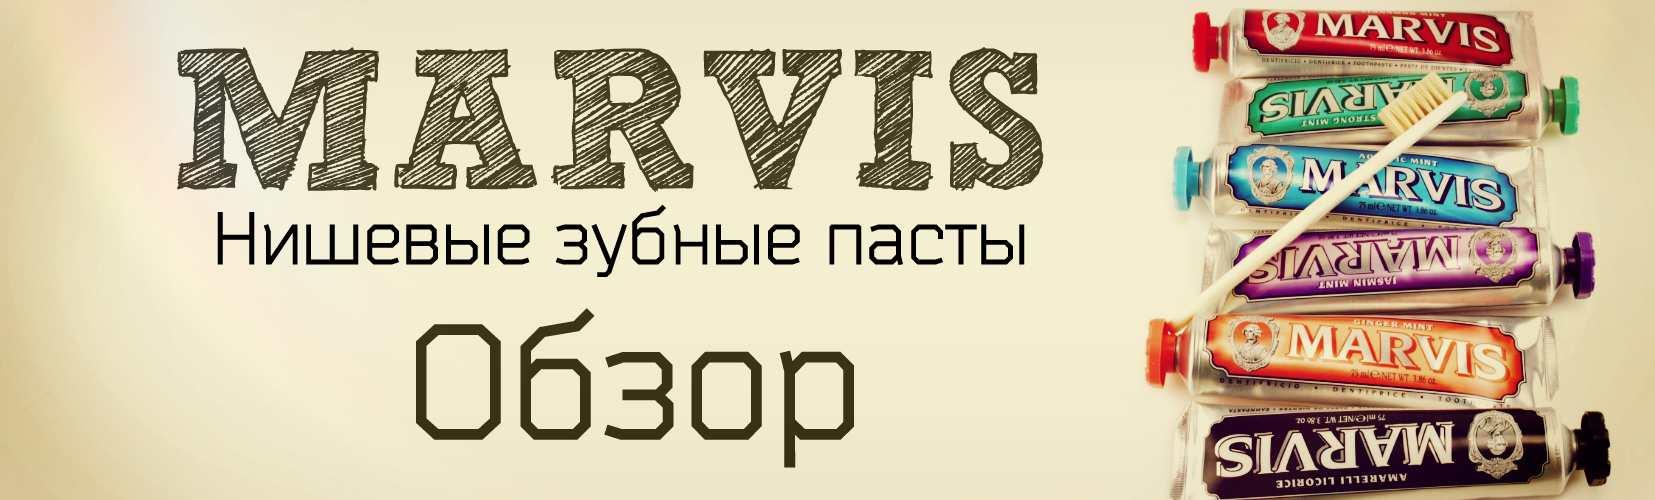 Marvis - нишевые зубные пасты #1 Обзор